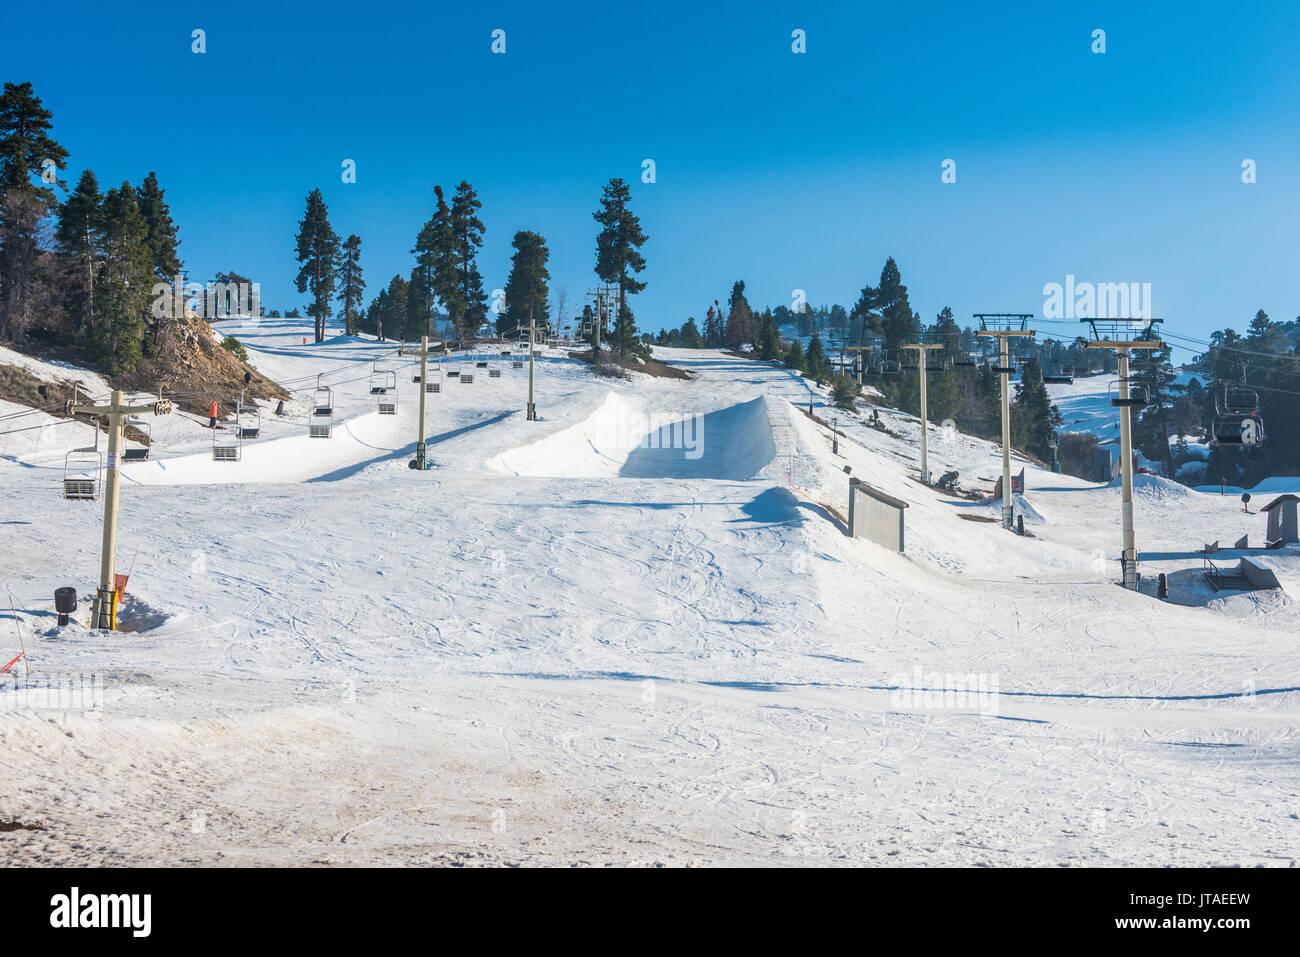 Skigebiet von Big Bear im Frühjahr, San Bernadino Bergen, Kalifornien, Vereinigte Staaten von Amerika, Nordamerika Stockbild